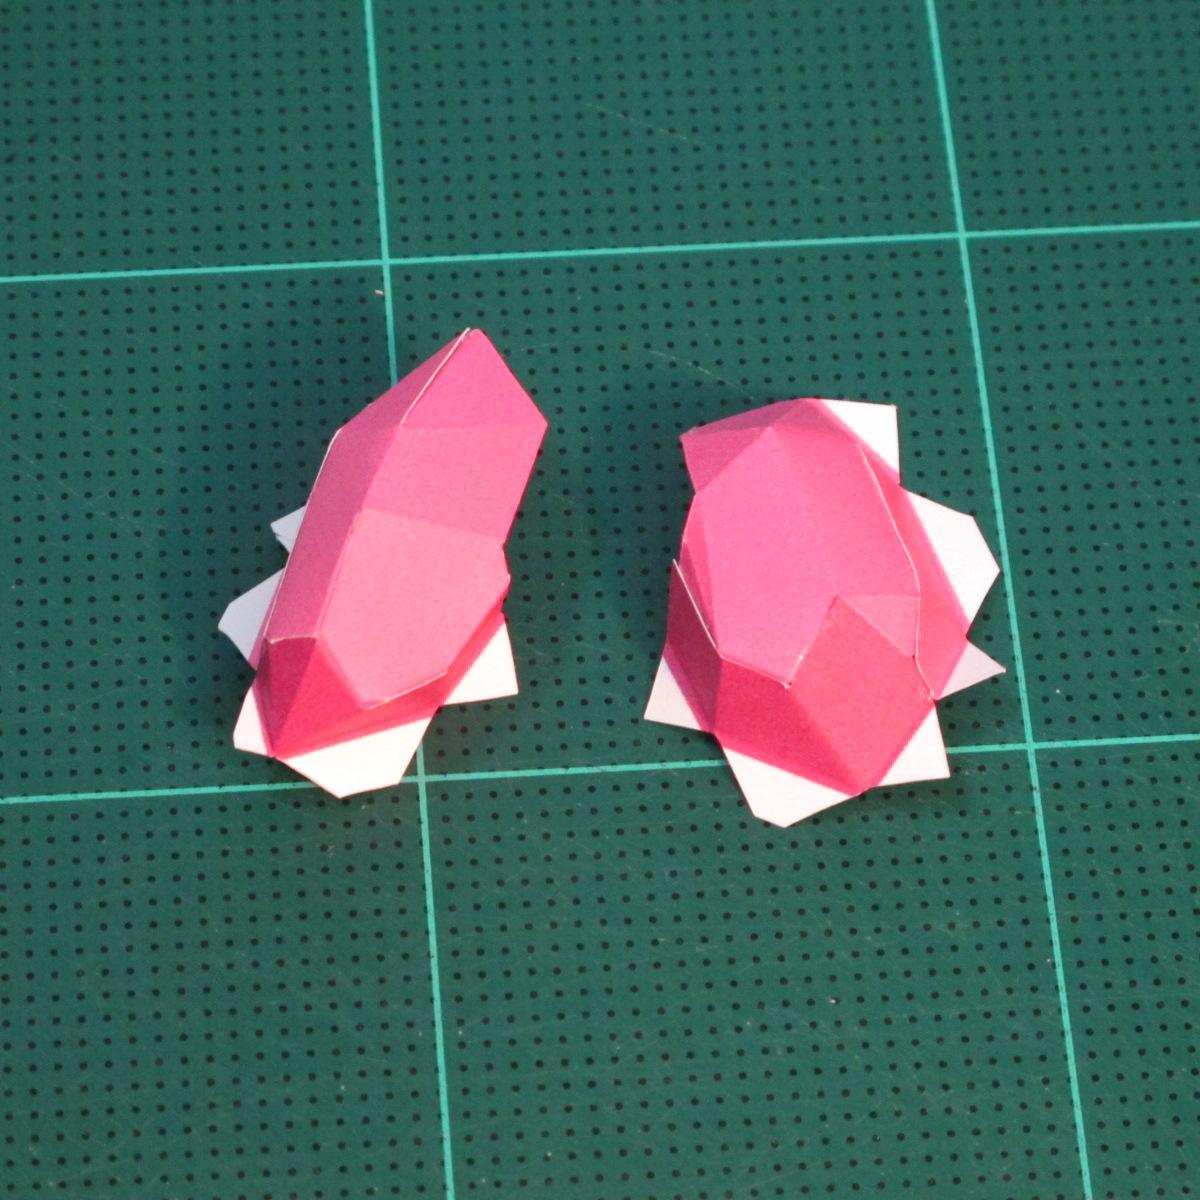 วิธีทำโมเดลกระดาษตุ้กตาคุกกี้รัน คุกกี้รสสตอเบอรี่ (LINE Cookie Run Strawberry Cookie Papercraft Model) 009